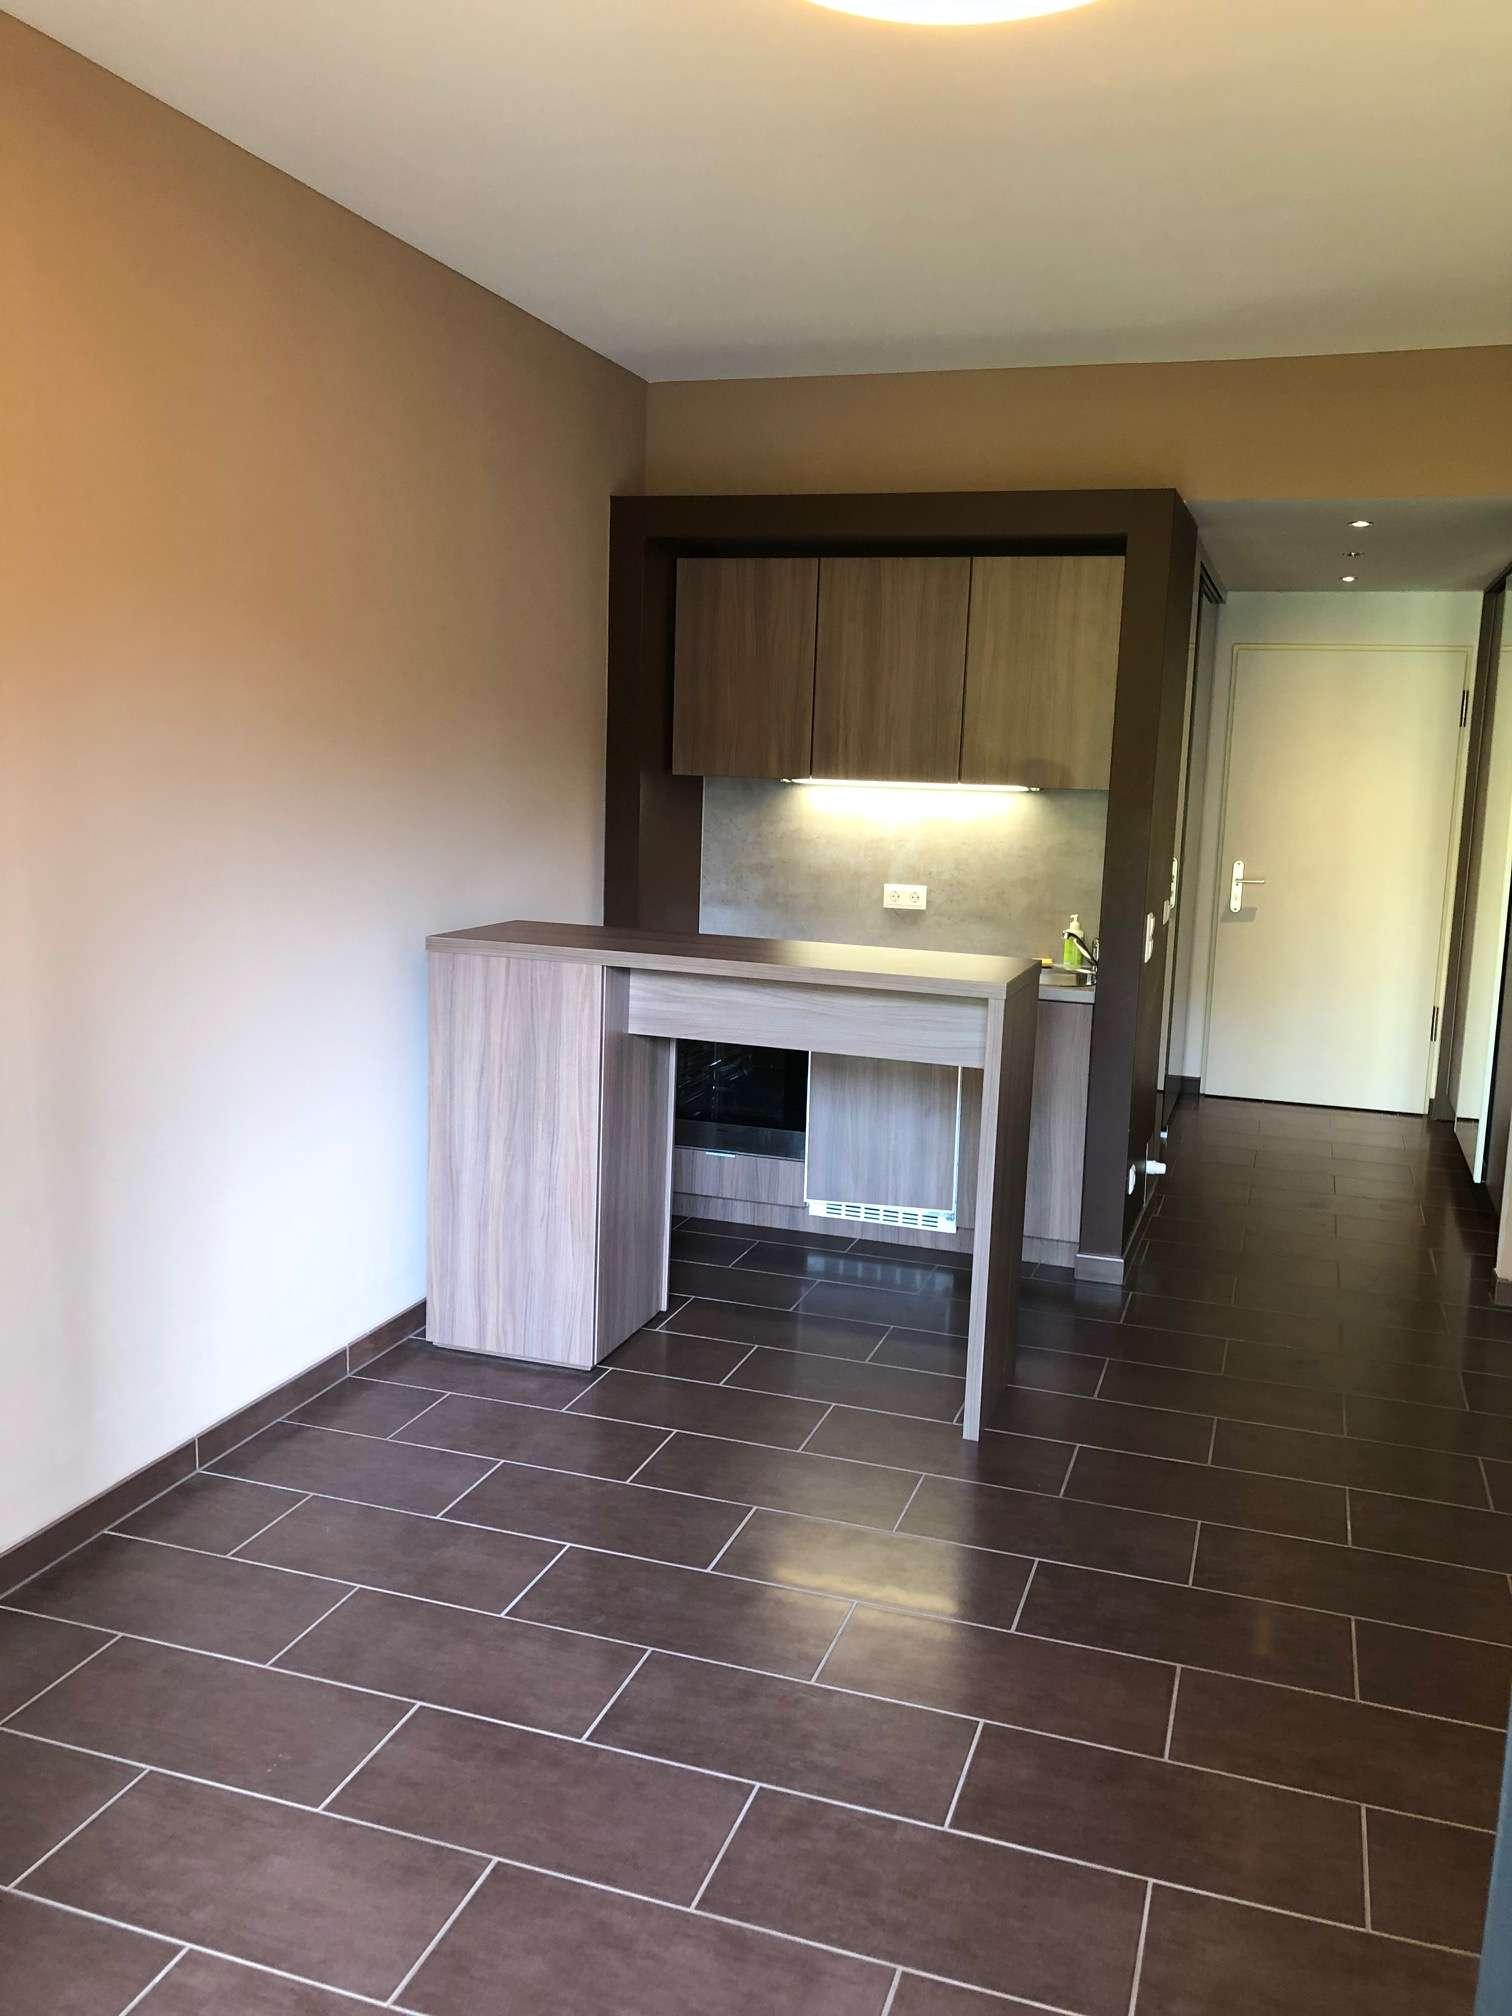 Exklusive, neuwertige 1-Zimmer-Wohnung mit EBK in Ludwigsvorstadt-Isarvorstadt, München in Ludwigsvorstadt-Isarvorstadt (München)